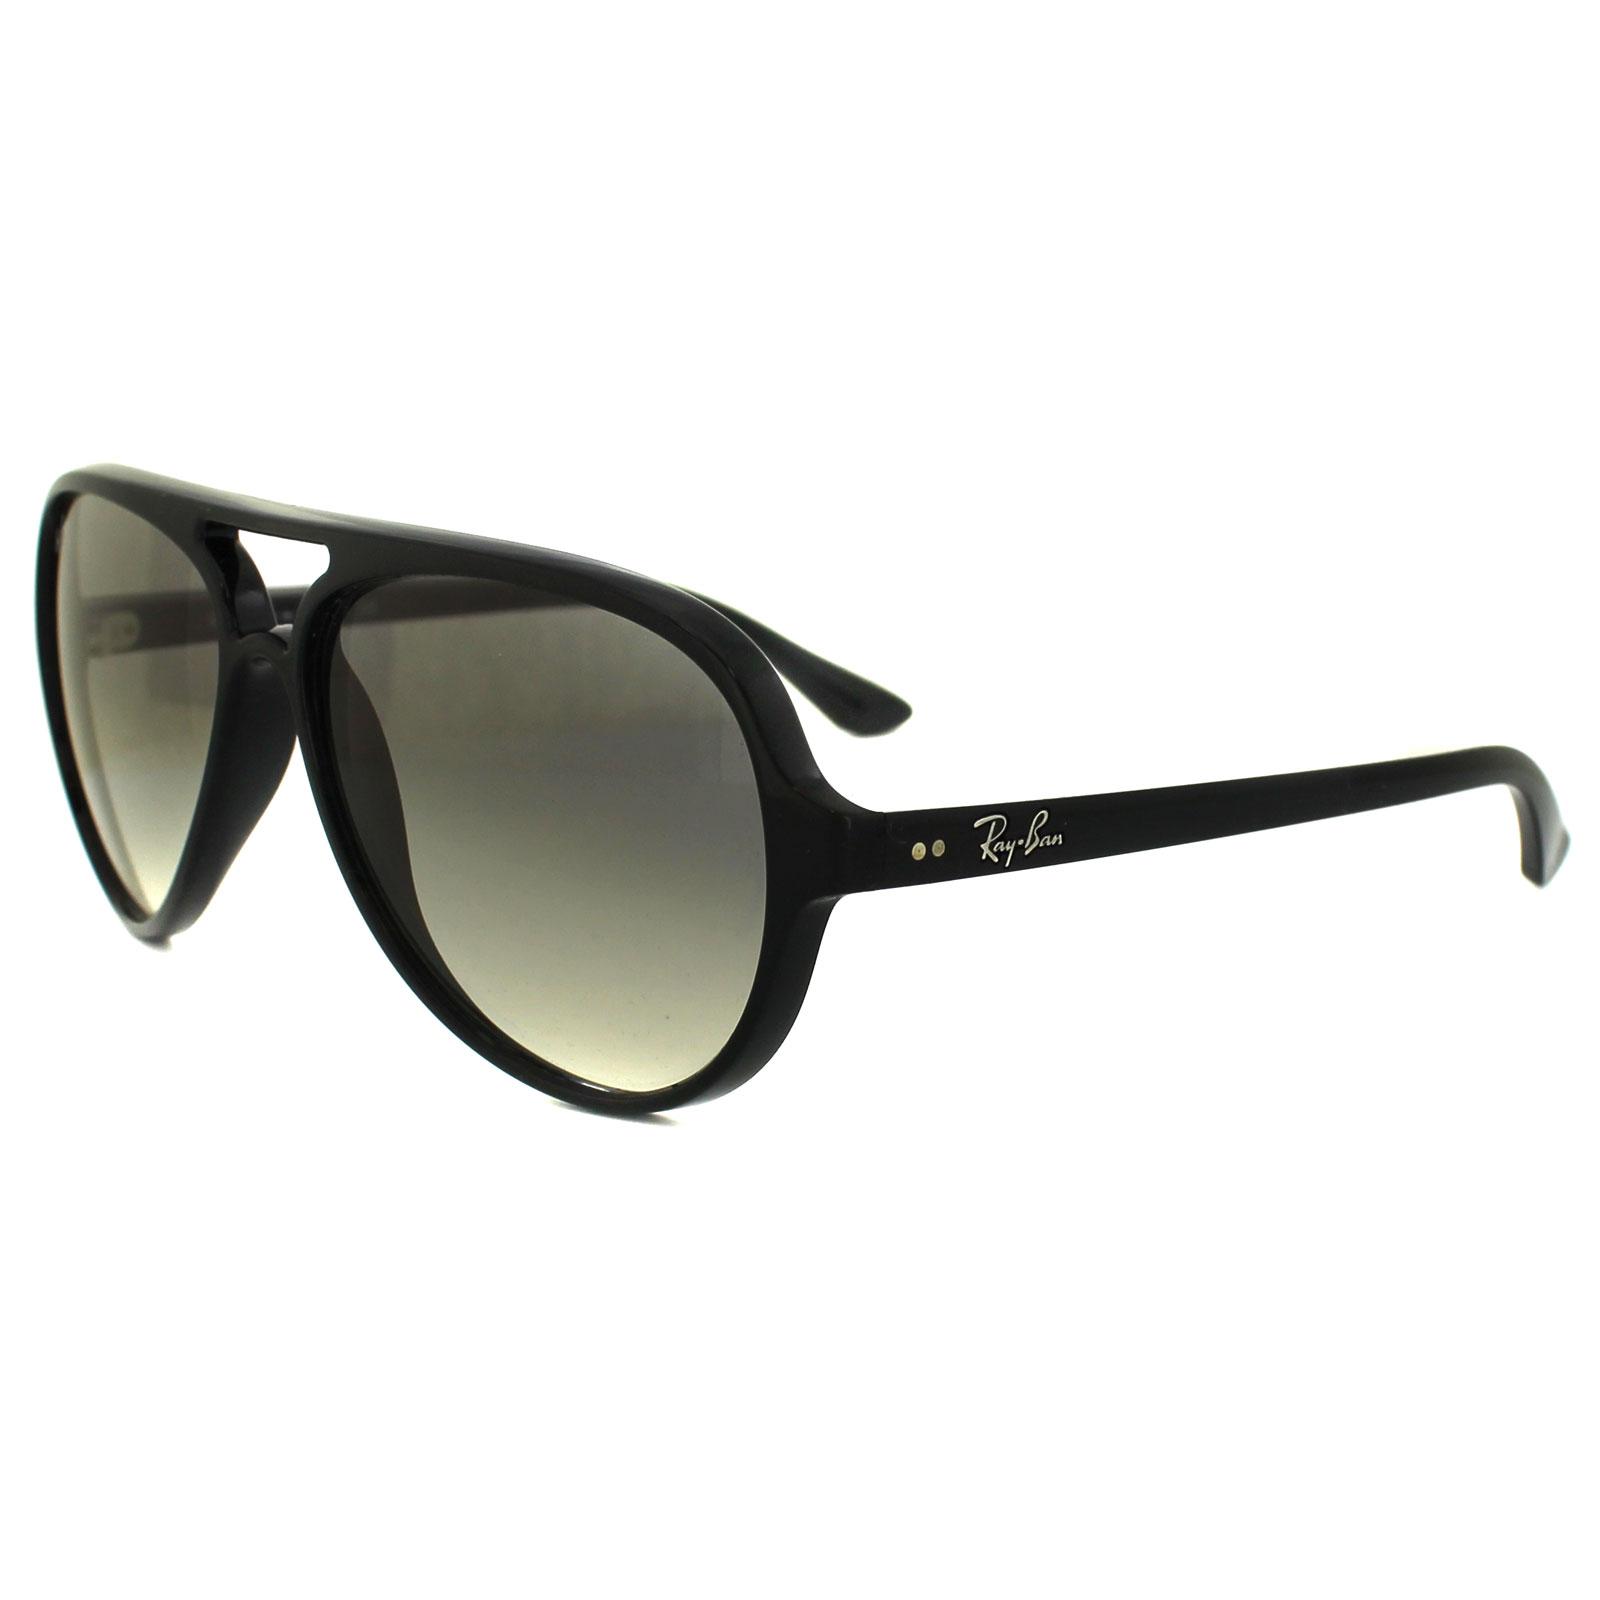 e95de5ac4a8 Ray-Ban Sunglasses Cats 5000 4125 601 32 Black Grey 805289288671